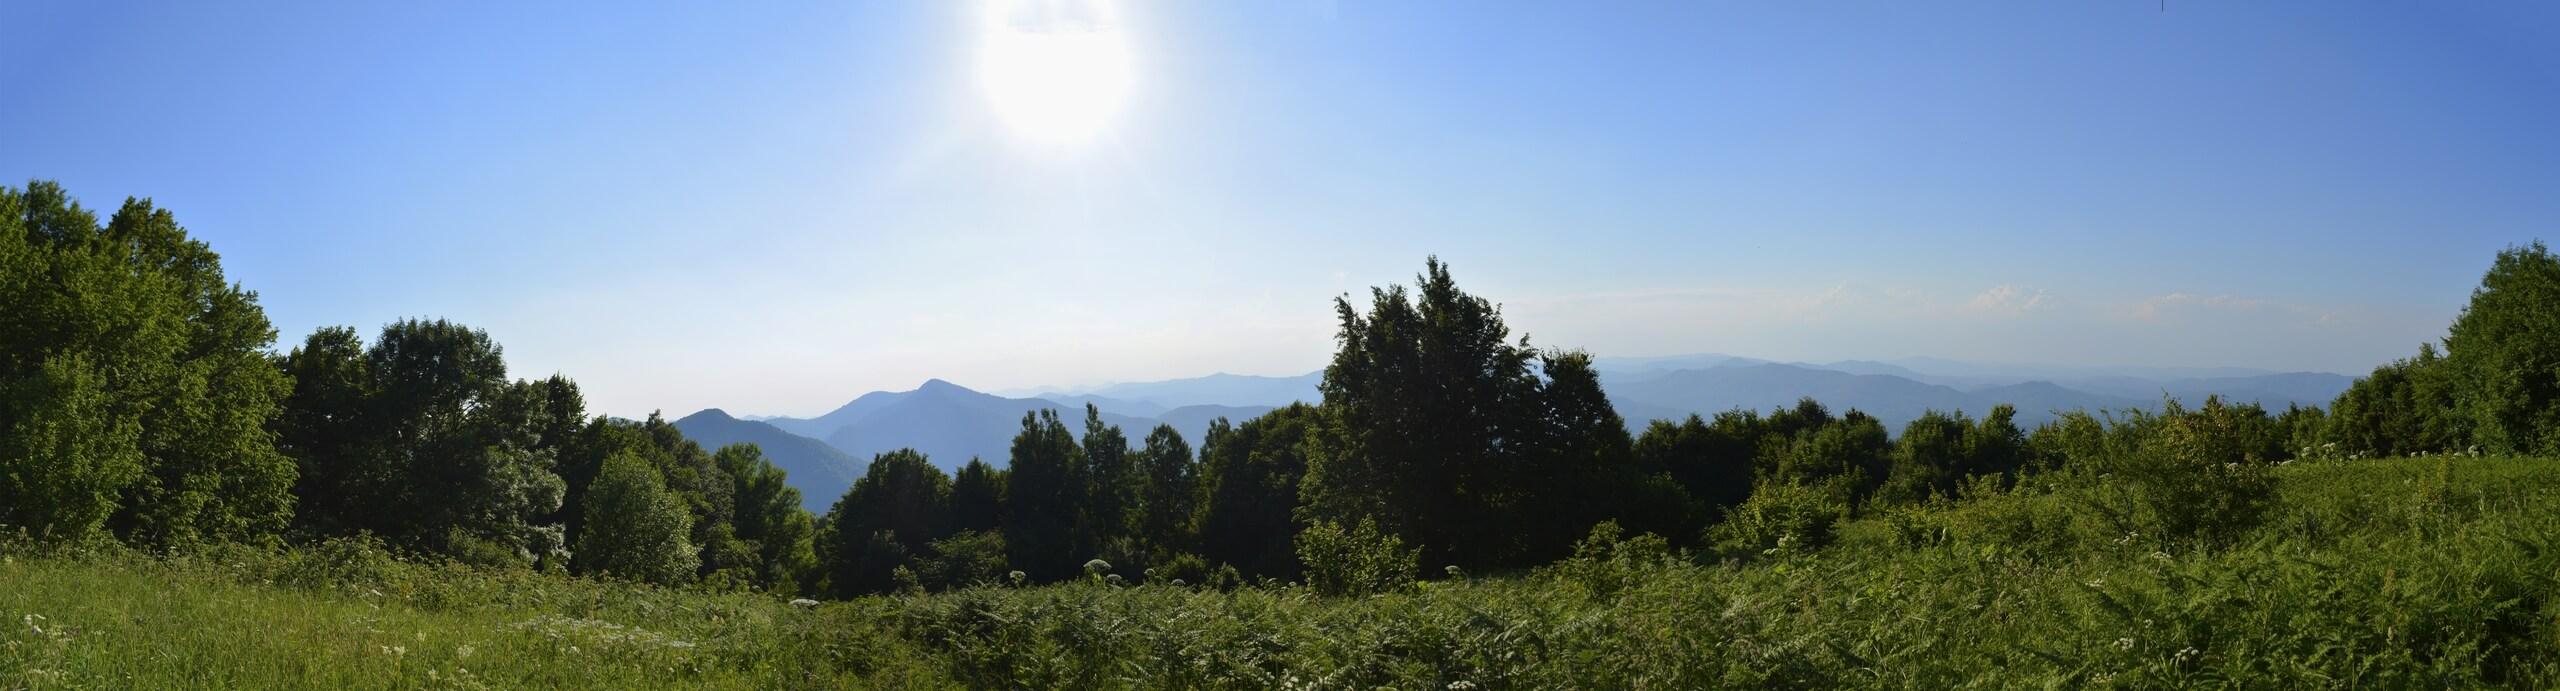 Панорама с горы Хлебушко (лето)